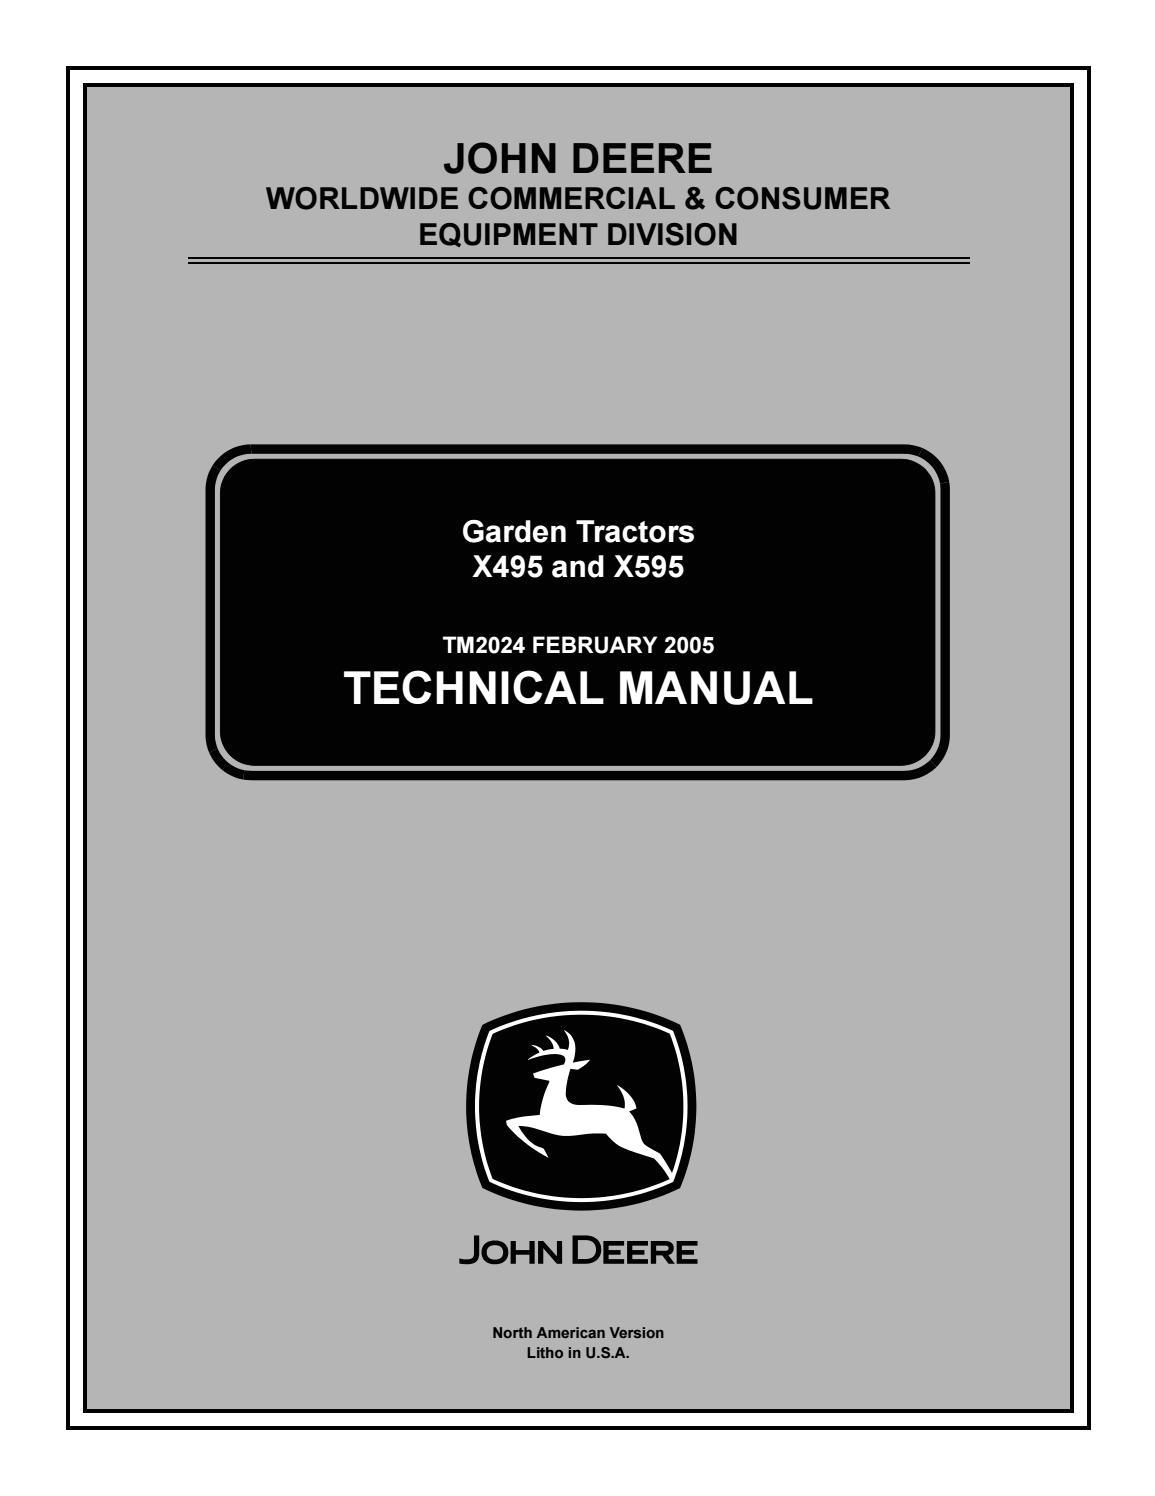 John Deere X495 Wiring Diagram John Deere X495 4wd Lawn Garden Tractor Service Repair